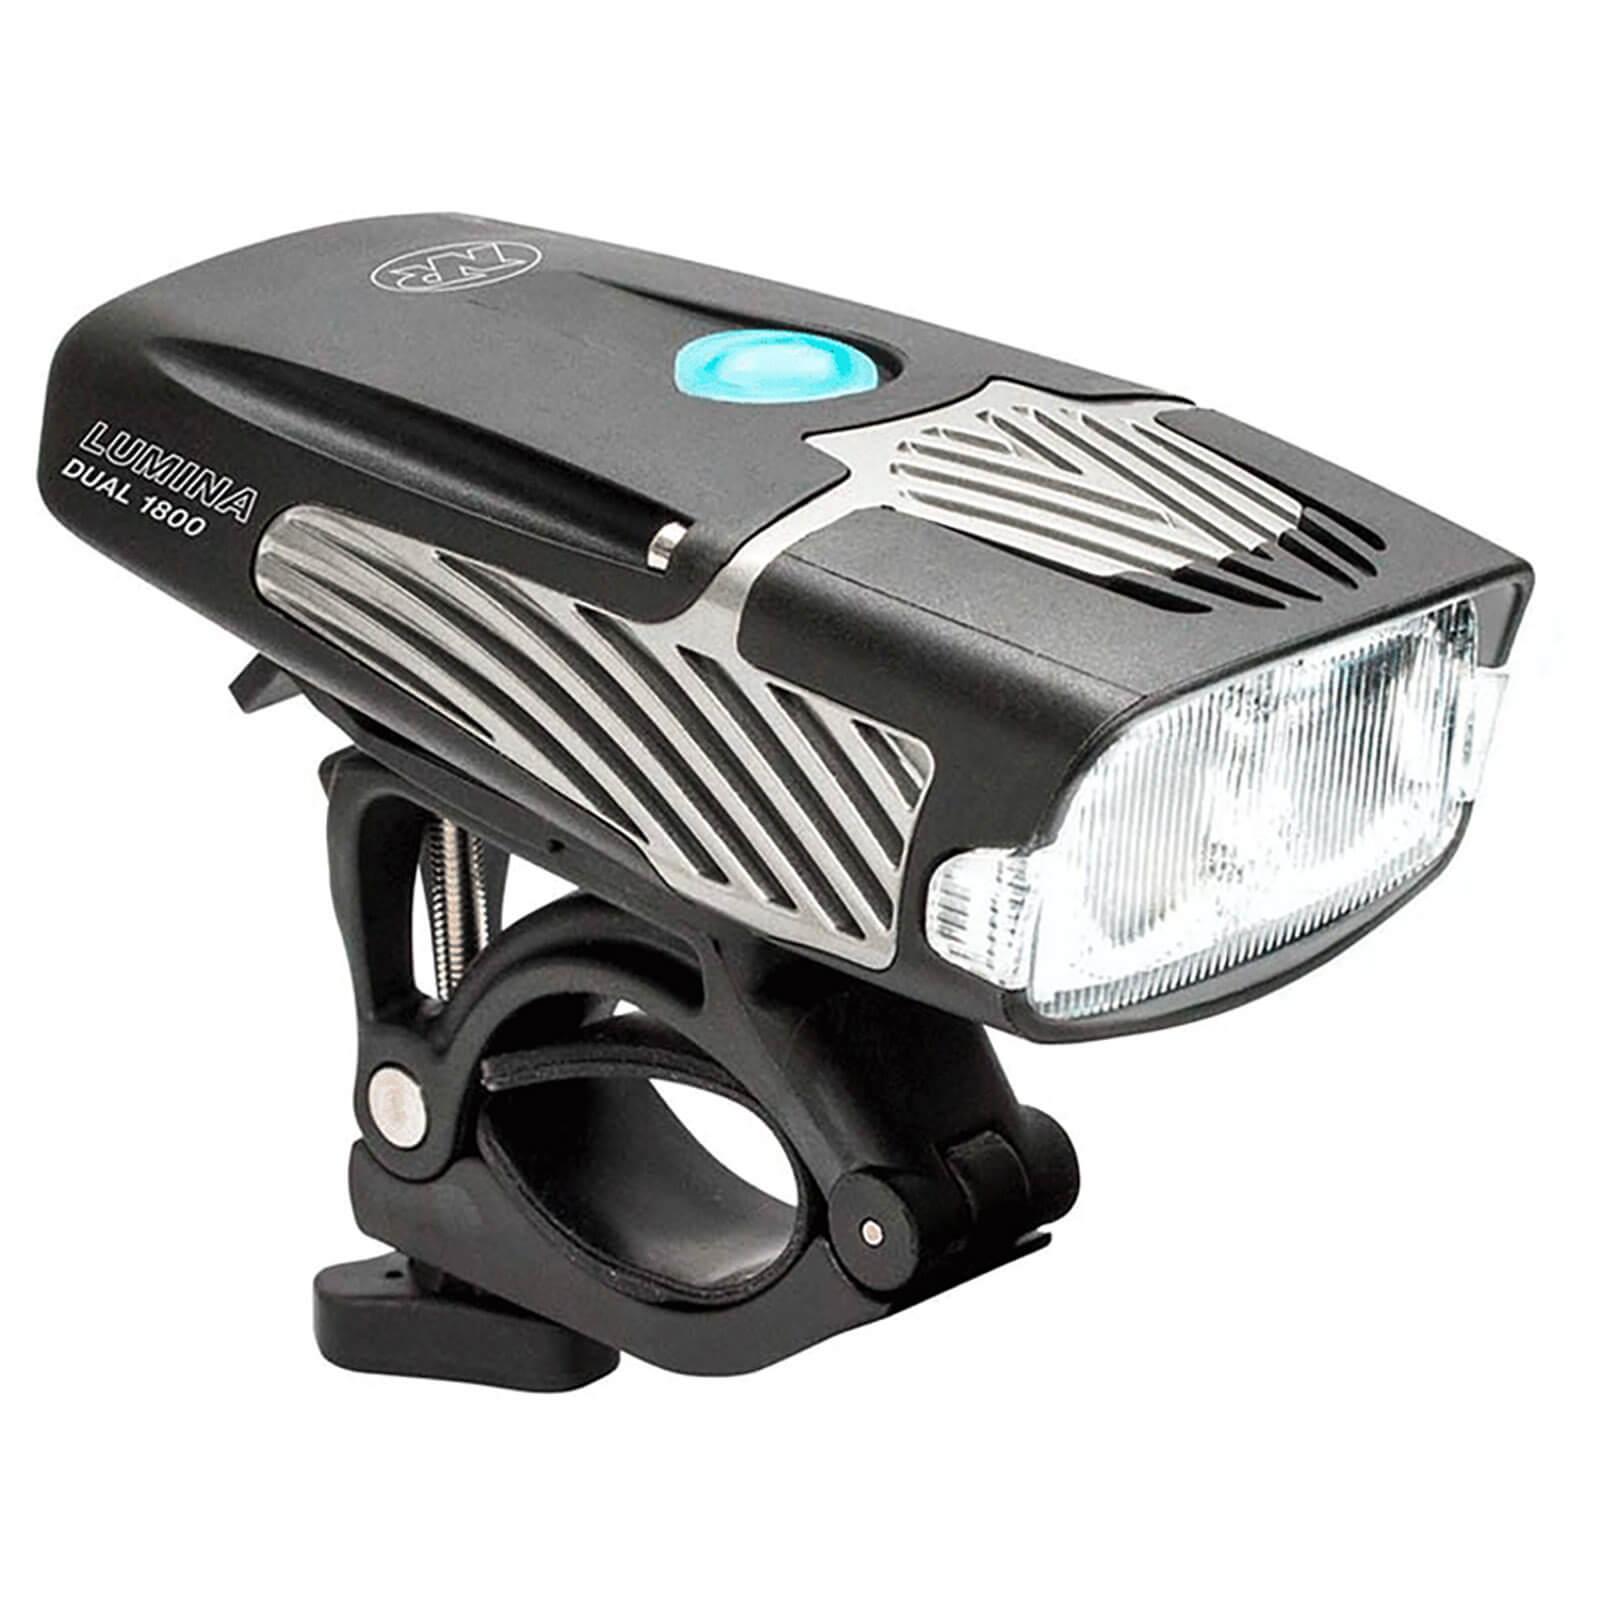 Niterider Lumina 1800 Dual Beam Front Light